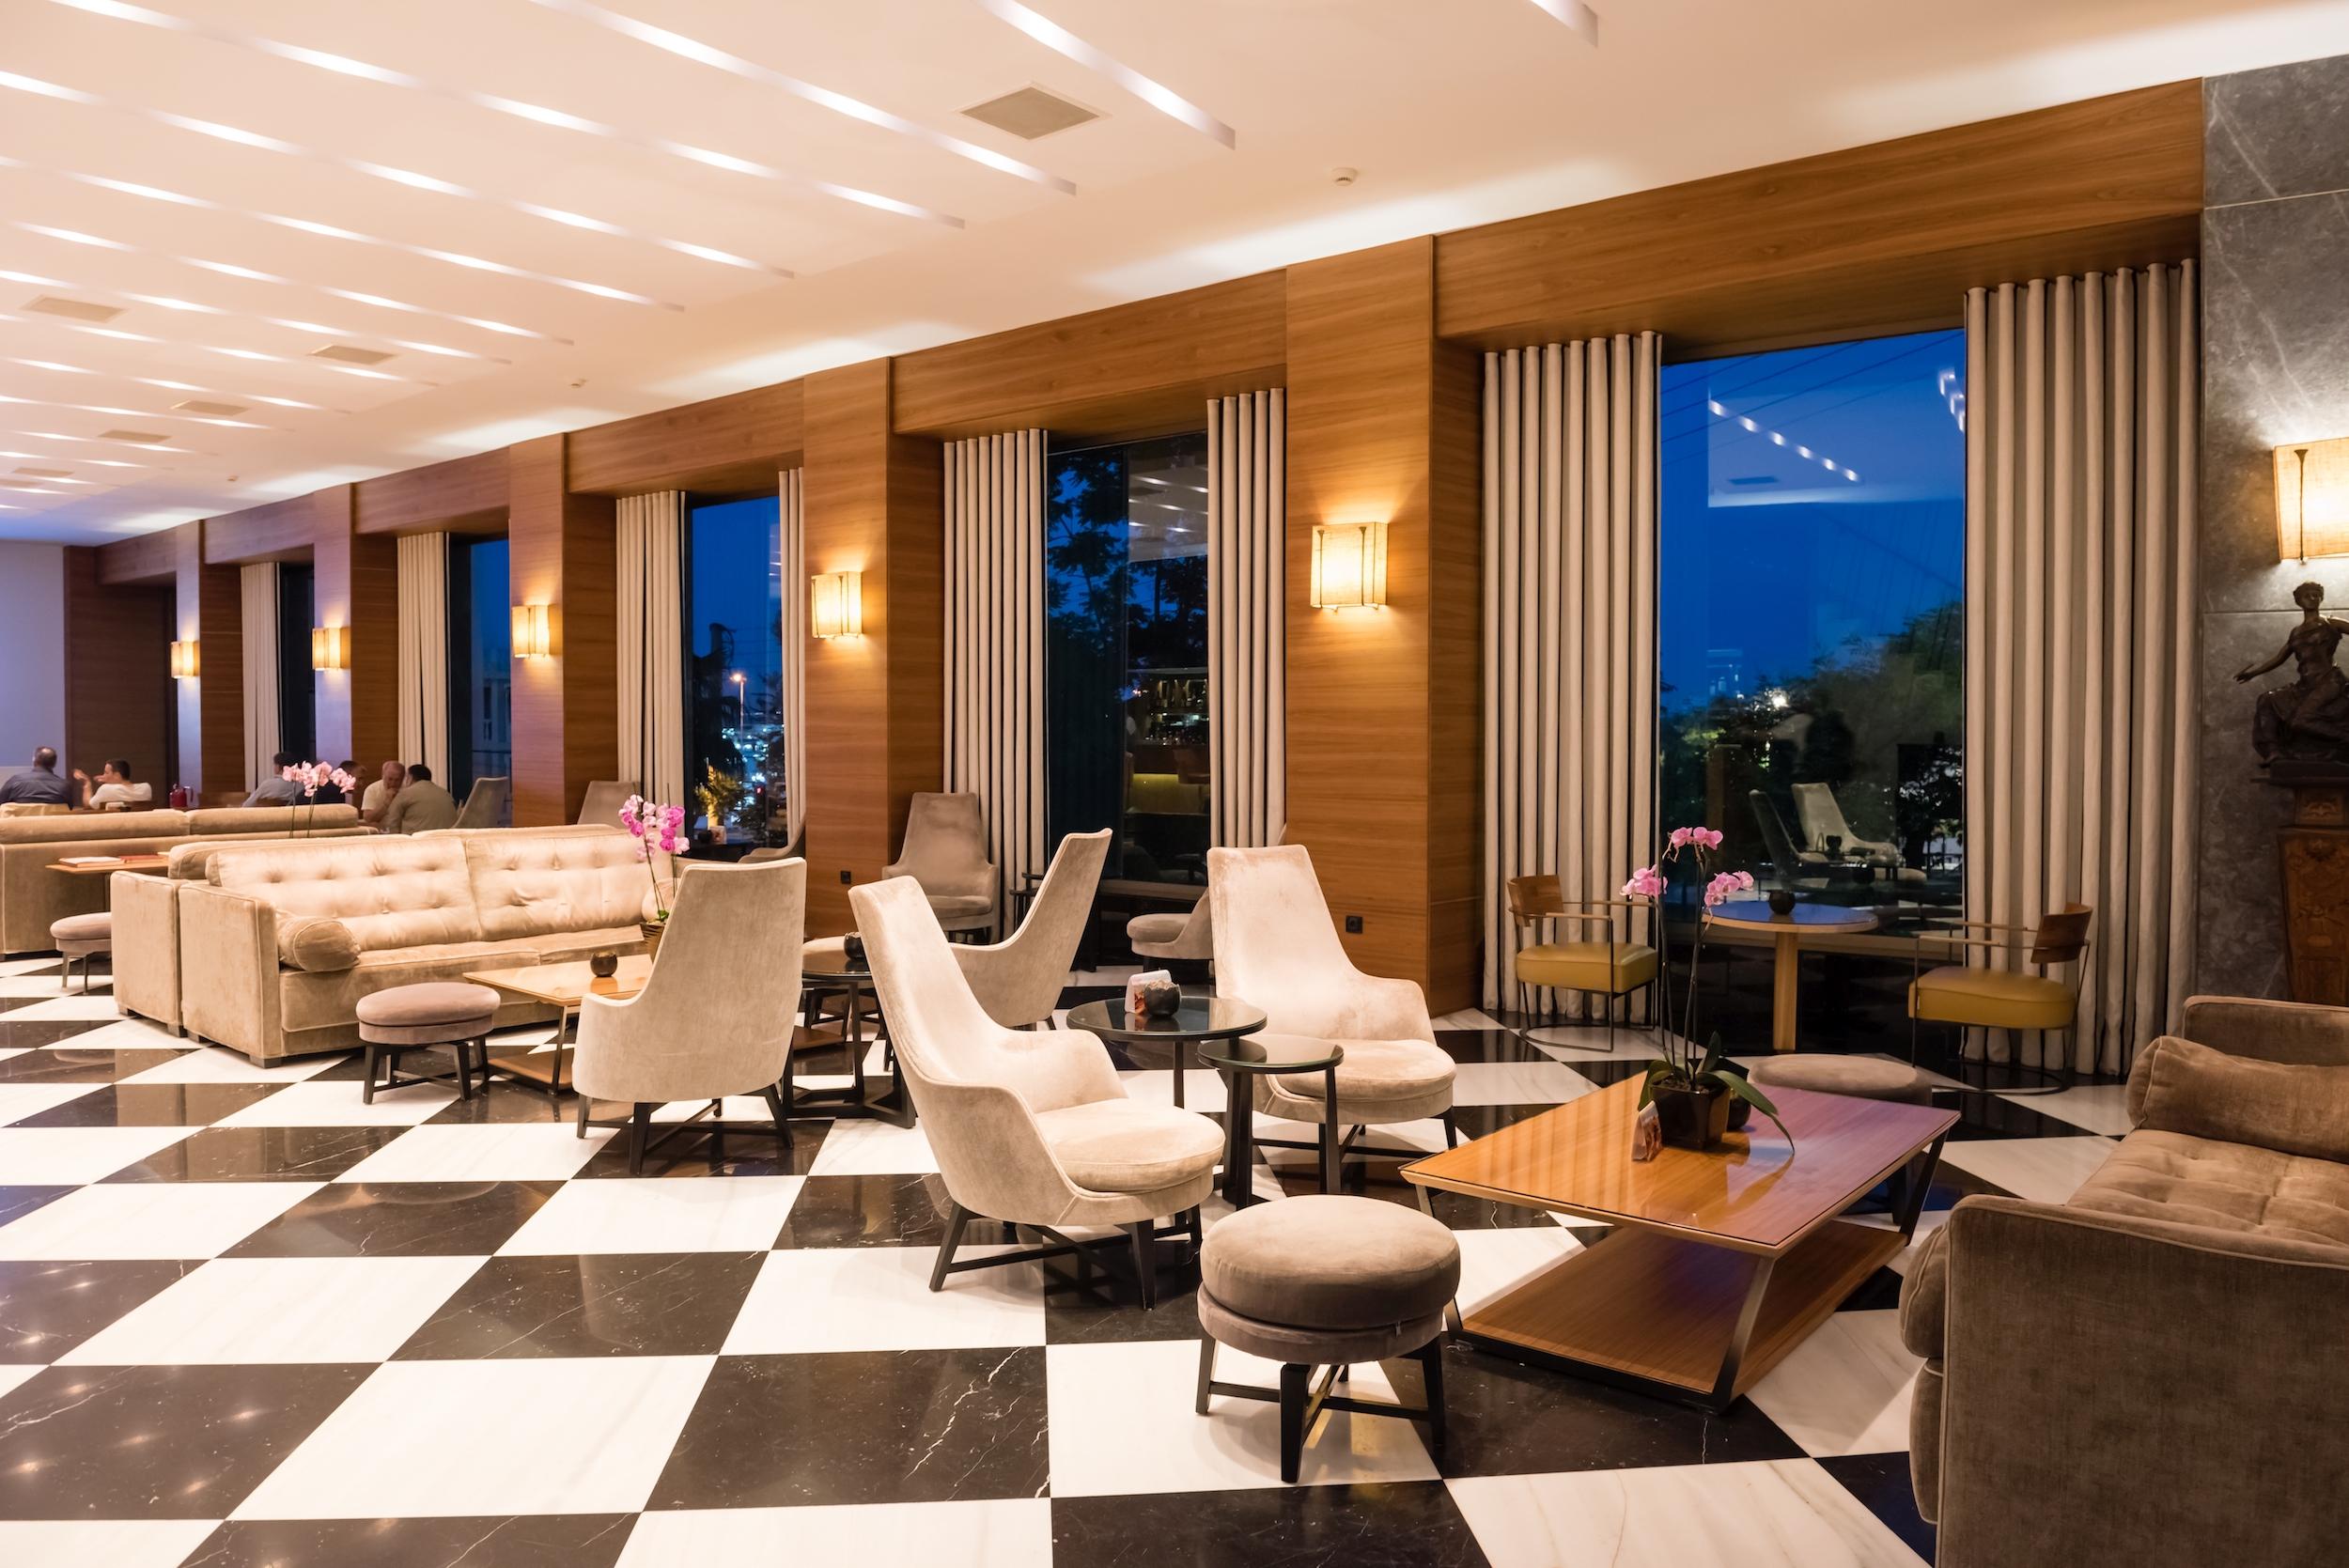 aquila atlantis hotel - lobby area 2